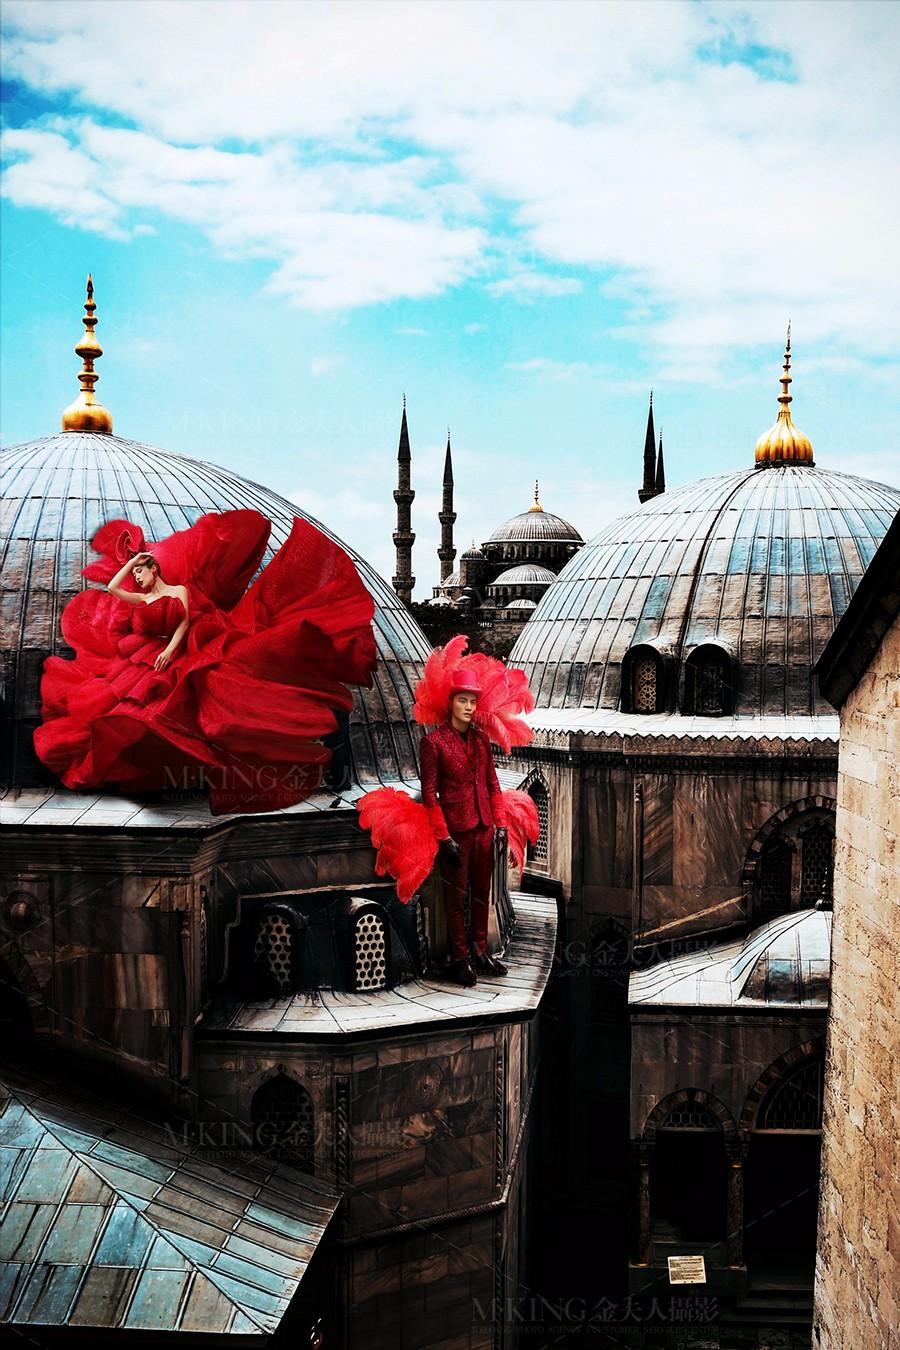 莫扎特城|莫扎特城-金夫人婚纱摄影